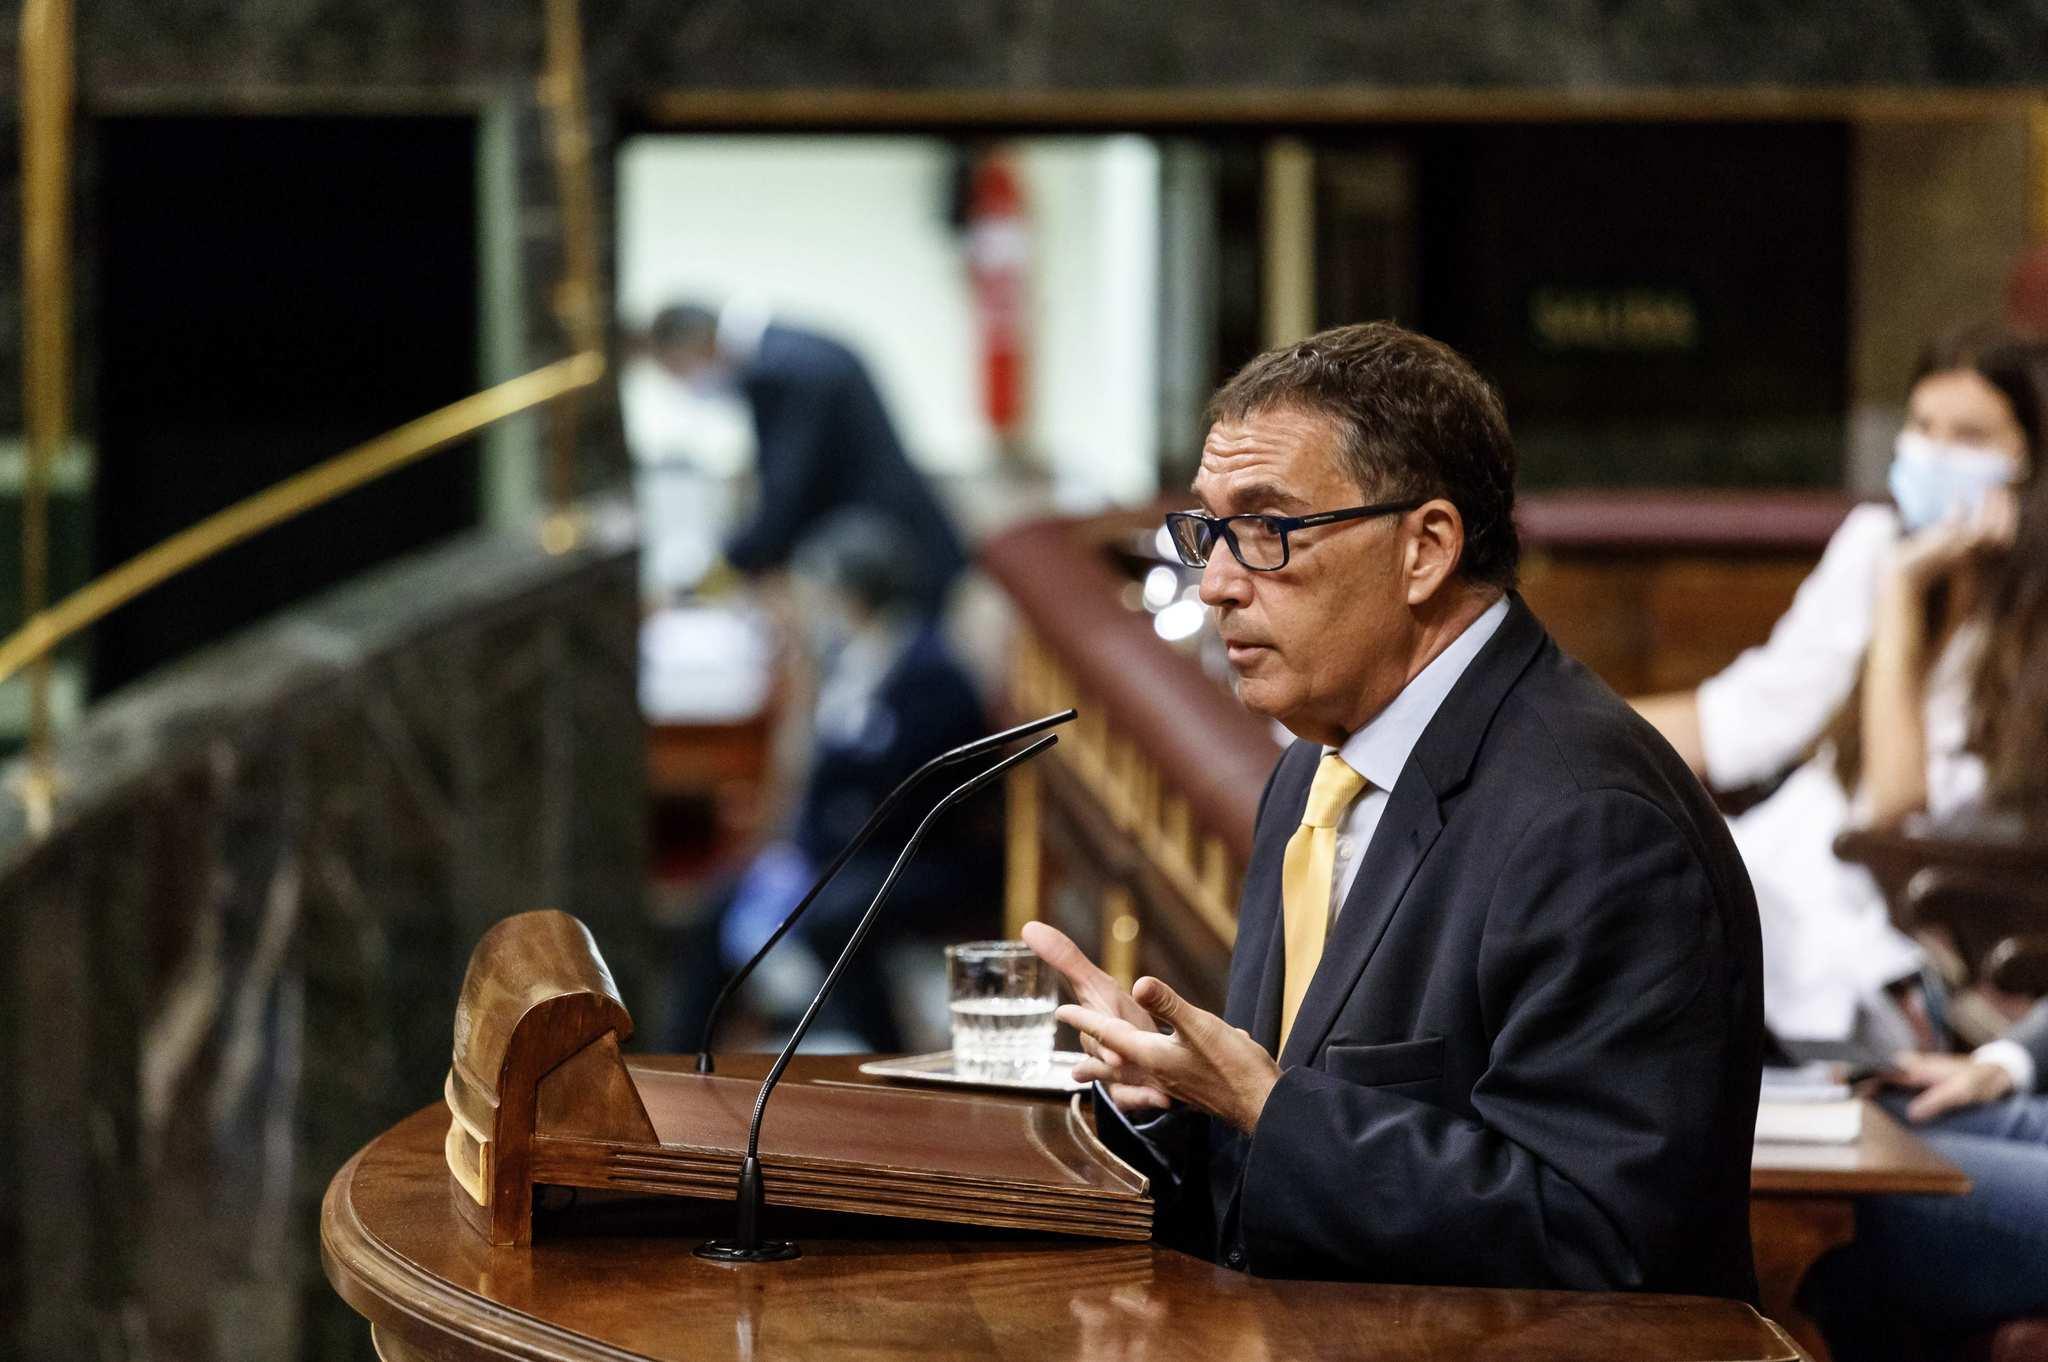 Jaume Alonso-Cuevillas, en el pleno en el congreso de los diputados.